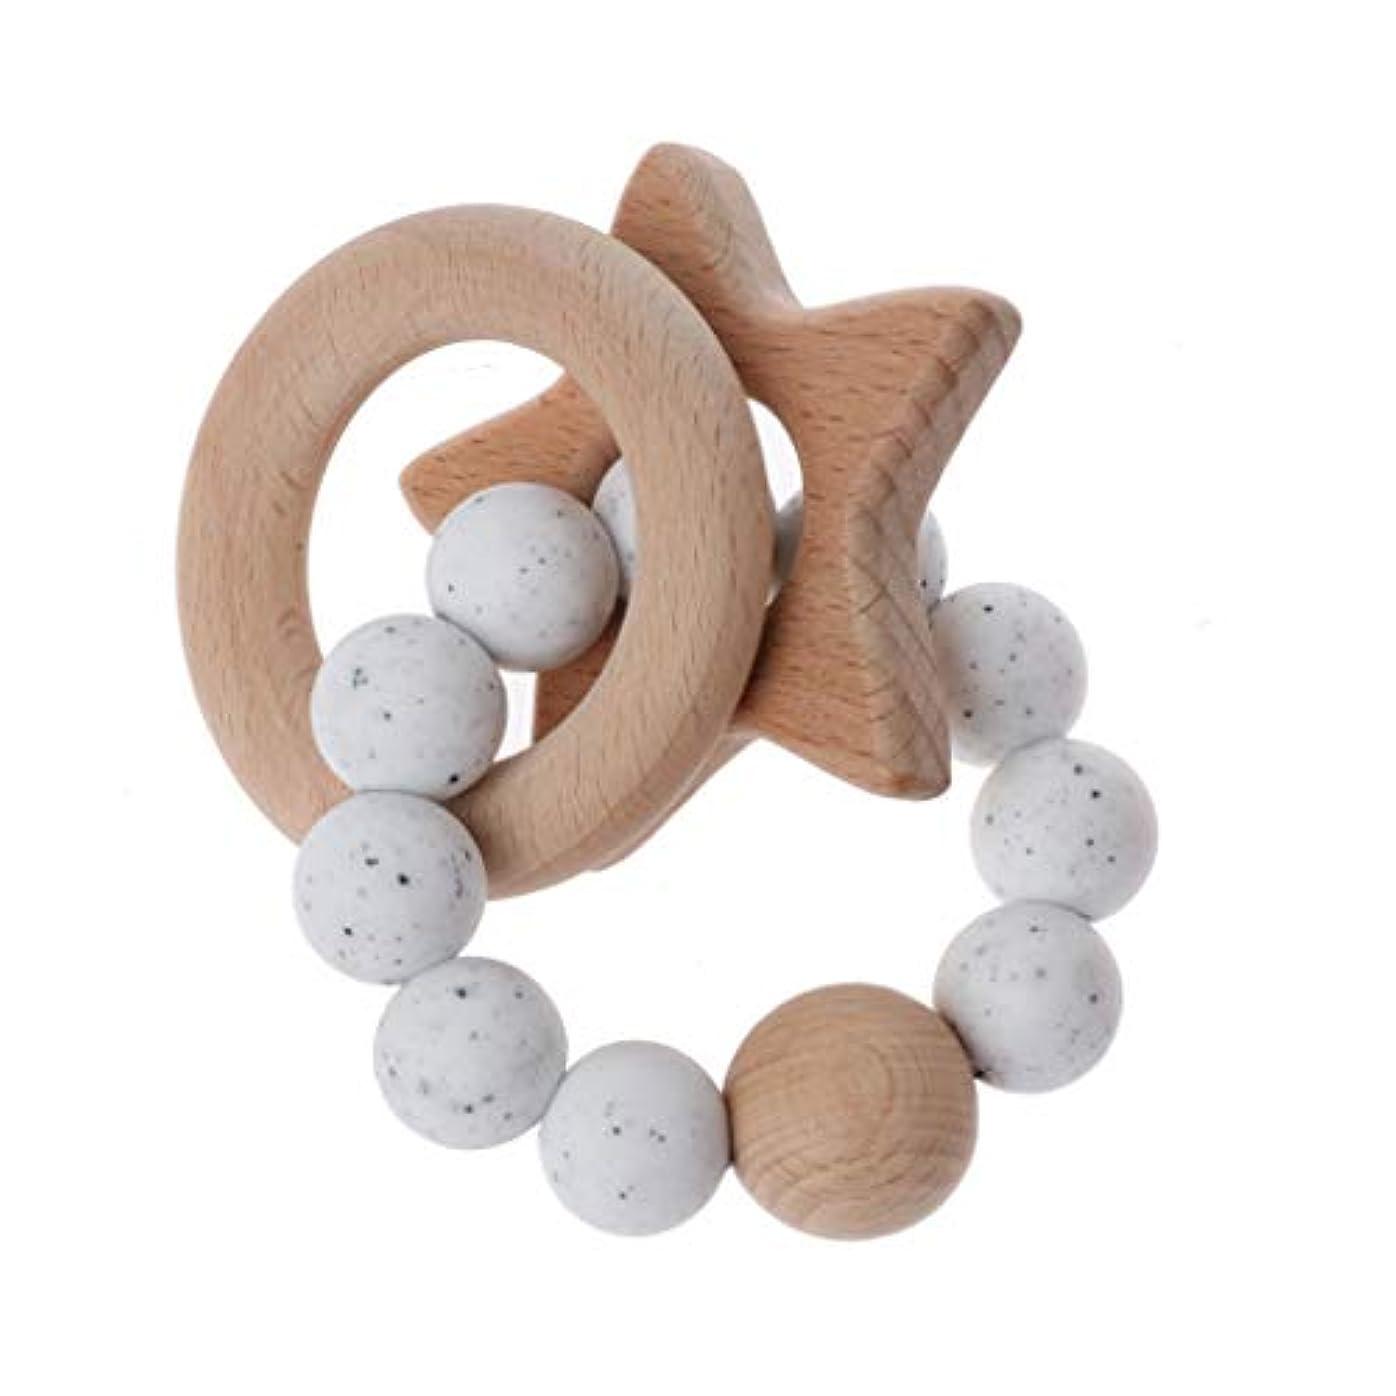 衣服階段学習者Landdumシリコーンおしゃぶりペンタグラム赤ちゃんおしゃぶりシリコーンリング赤ちゃん看護玩具かむ玩具歯を作るガラガラのおもちゃ - 1#